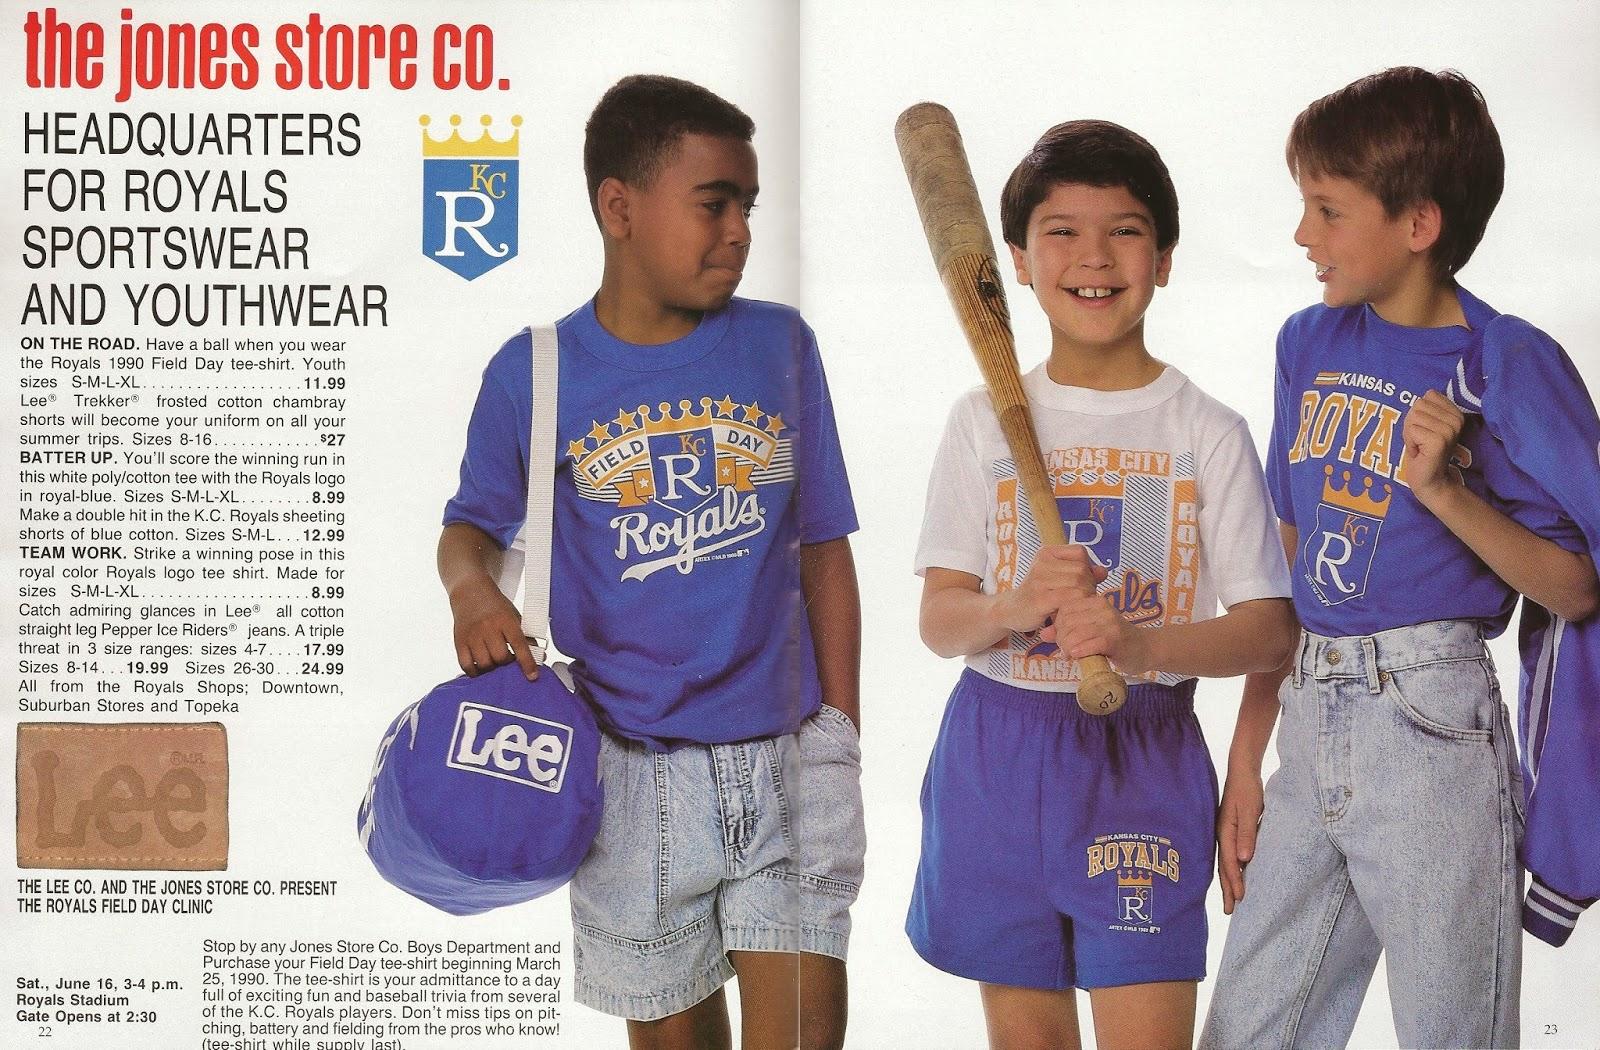 http://3.bp.blogspot.com/-oaQiDrU_Lis/U9fHR0QQvkI/AAAAAAAANHs/qXFlVcdpKCM/s1600/1990-royals-jones-store-ad.jpg